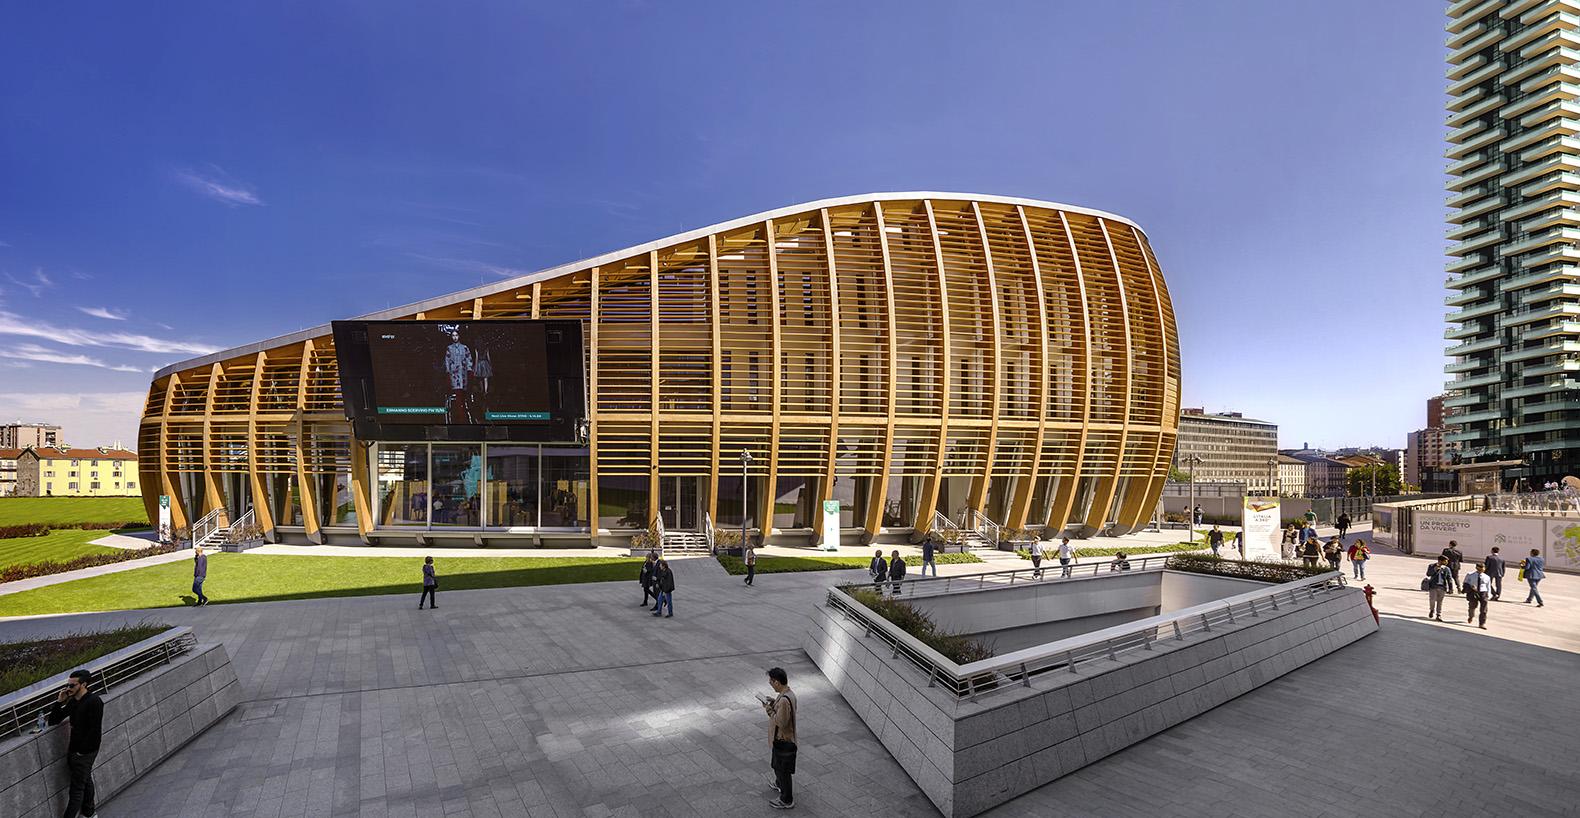 UNICREDIT PAVILLON (Milano, talia, 2015) arch. Michele De Lucchi